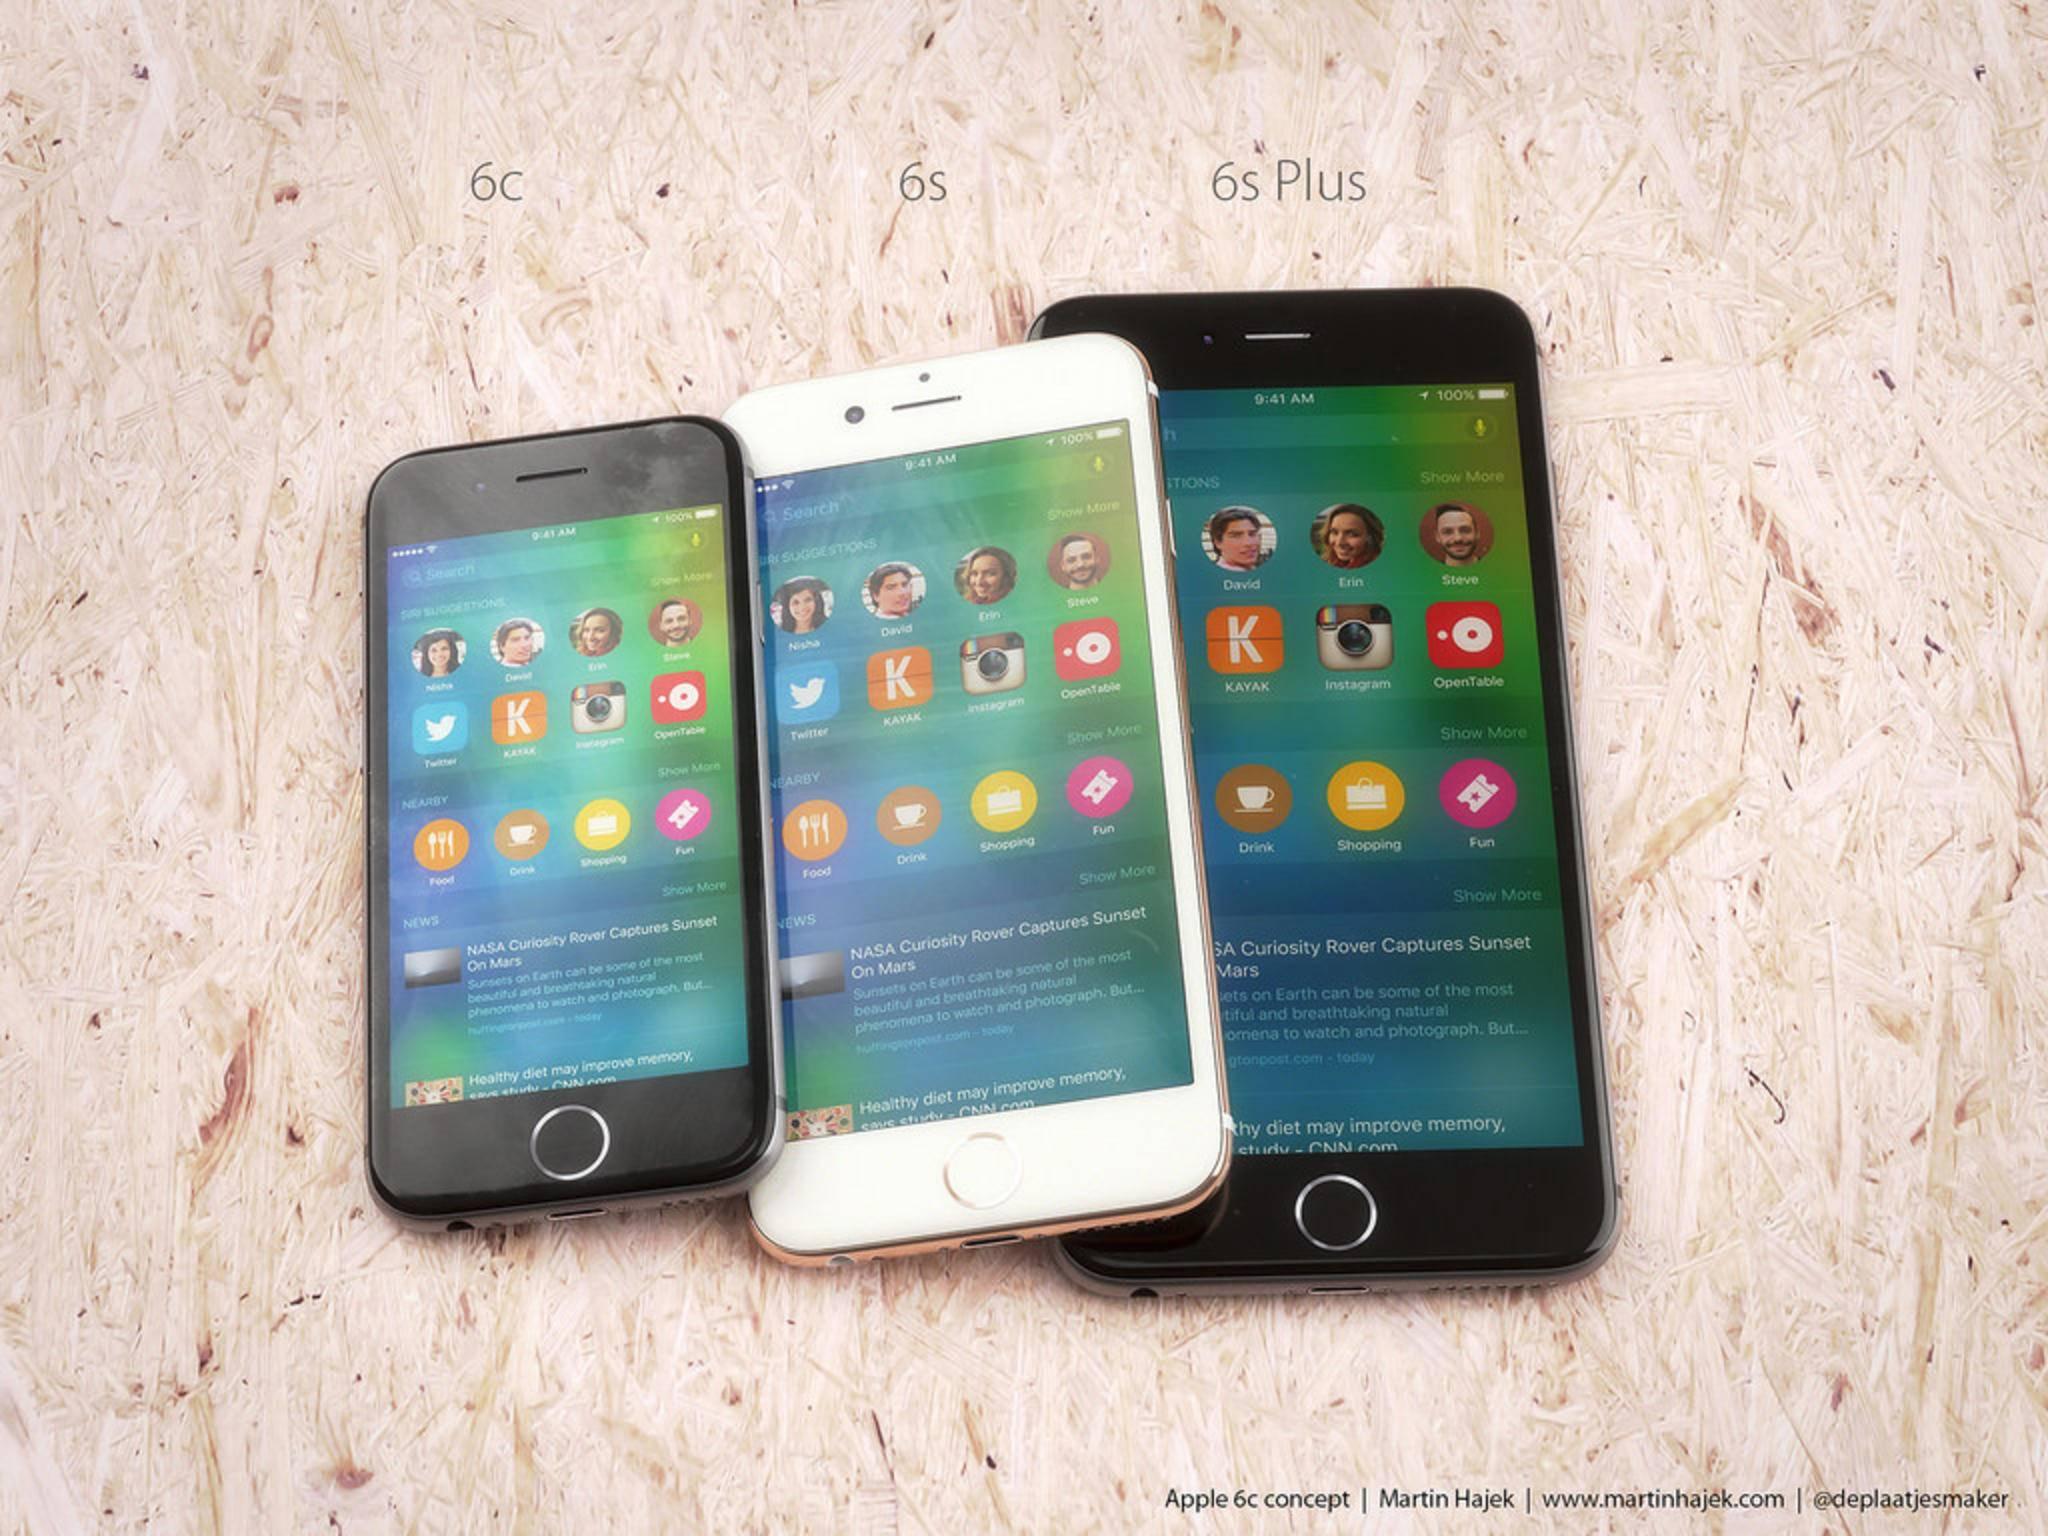 Plant Apple ein iPhone 6c für das Frühjahr 2016?